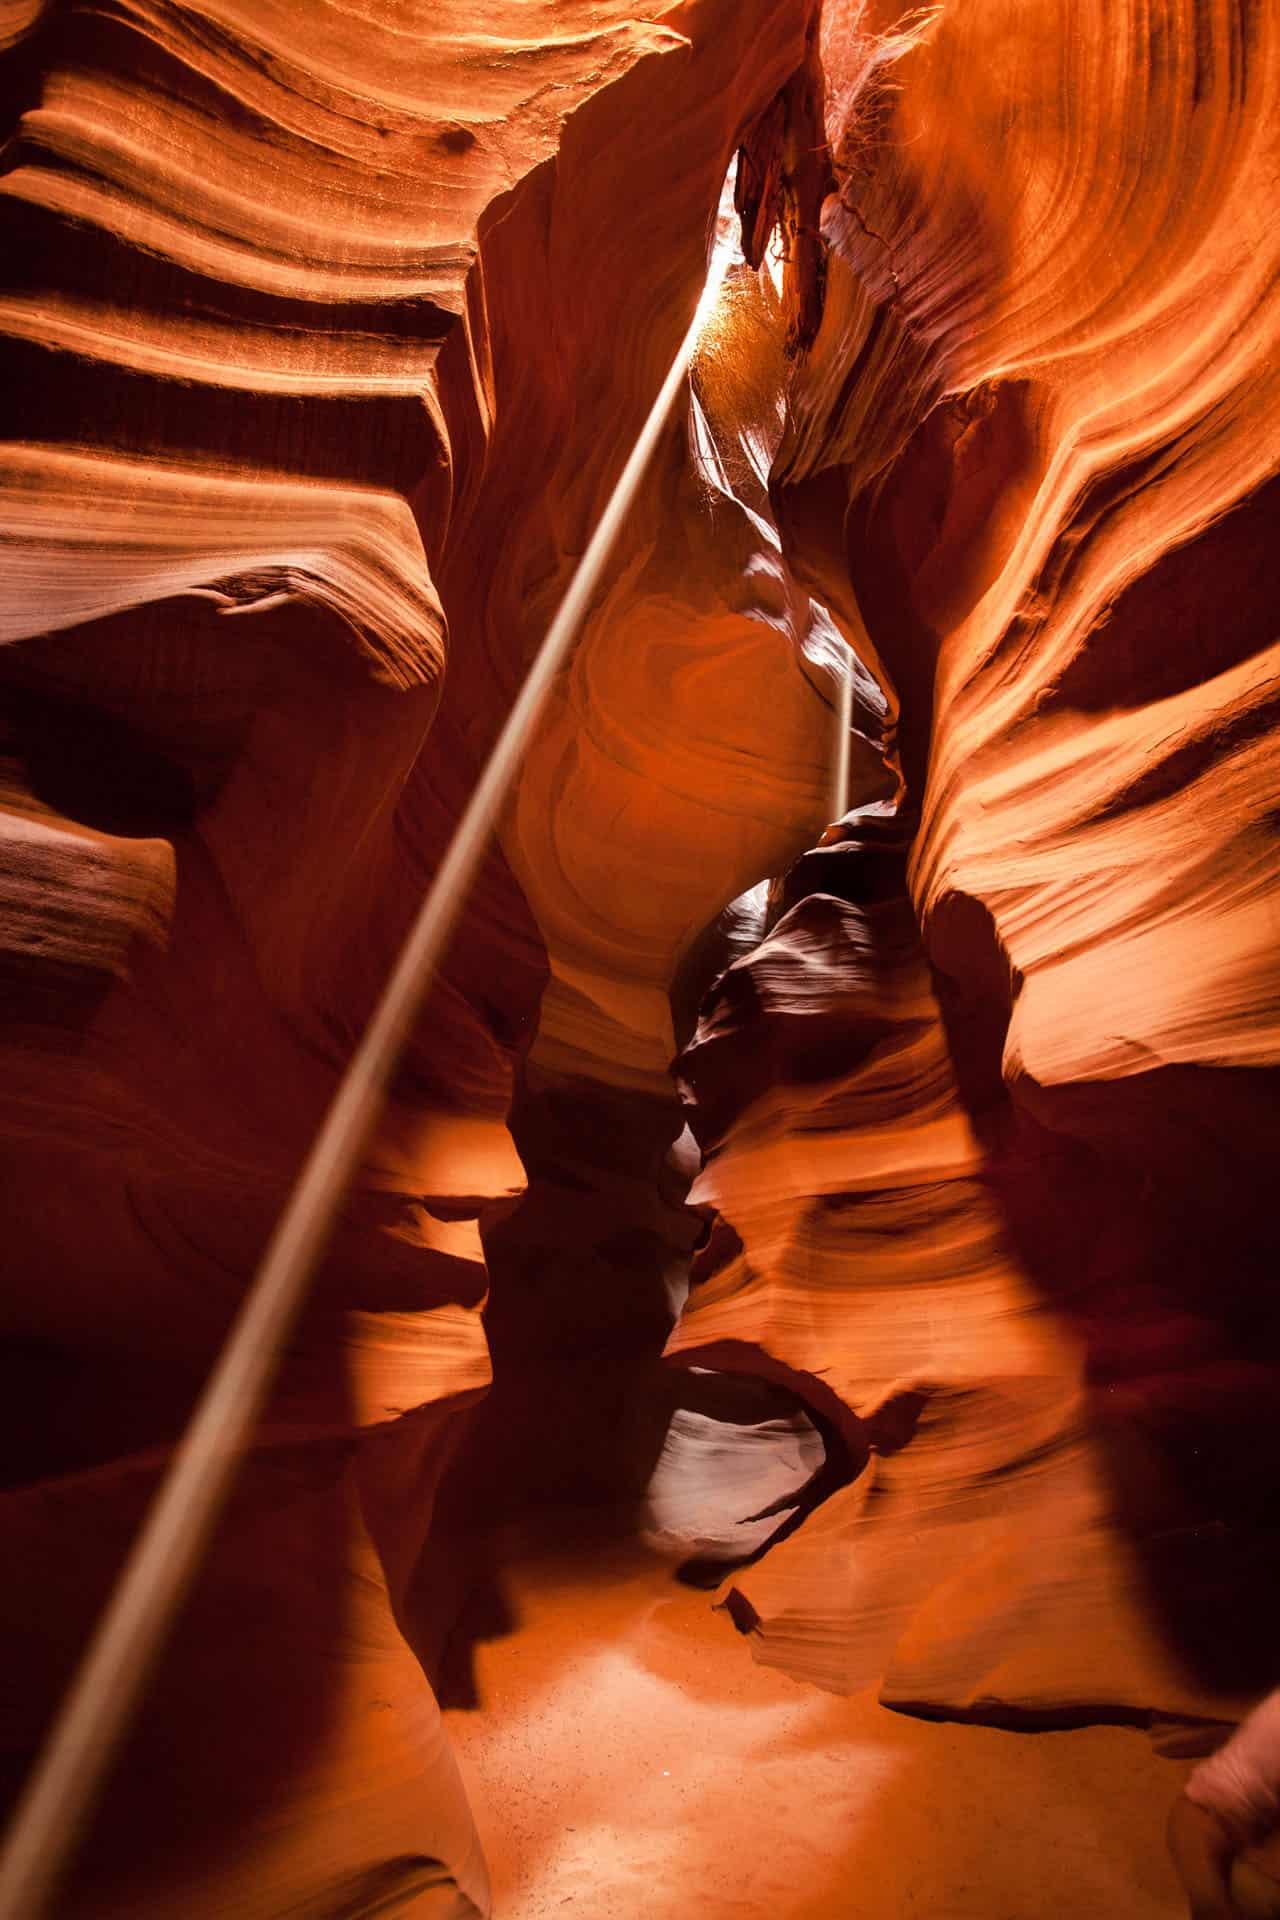 antelope canyon light shining through